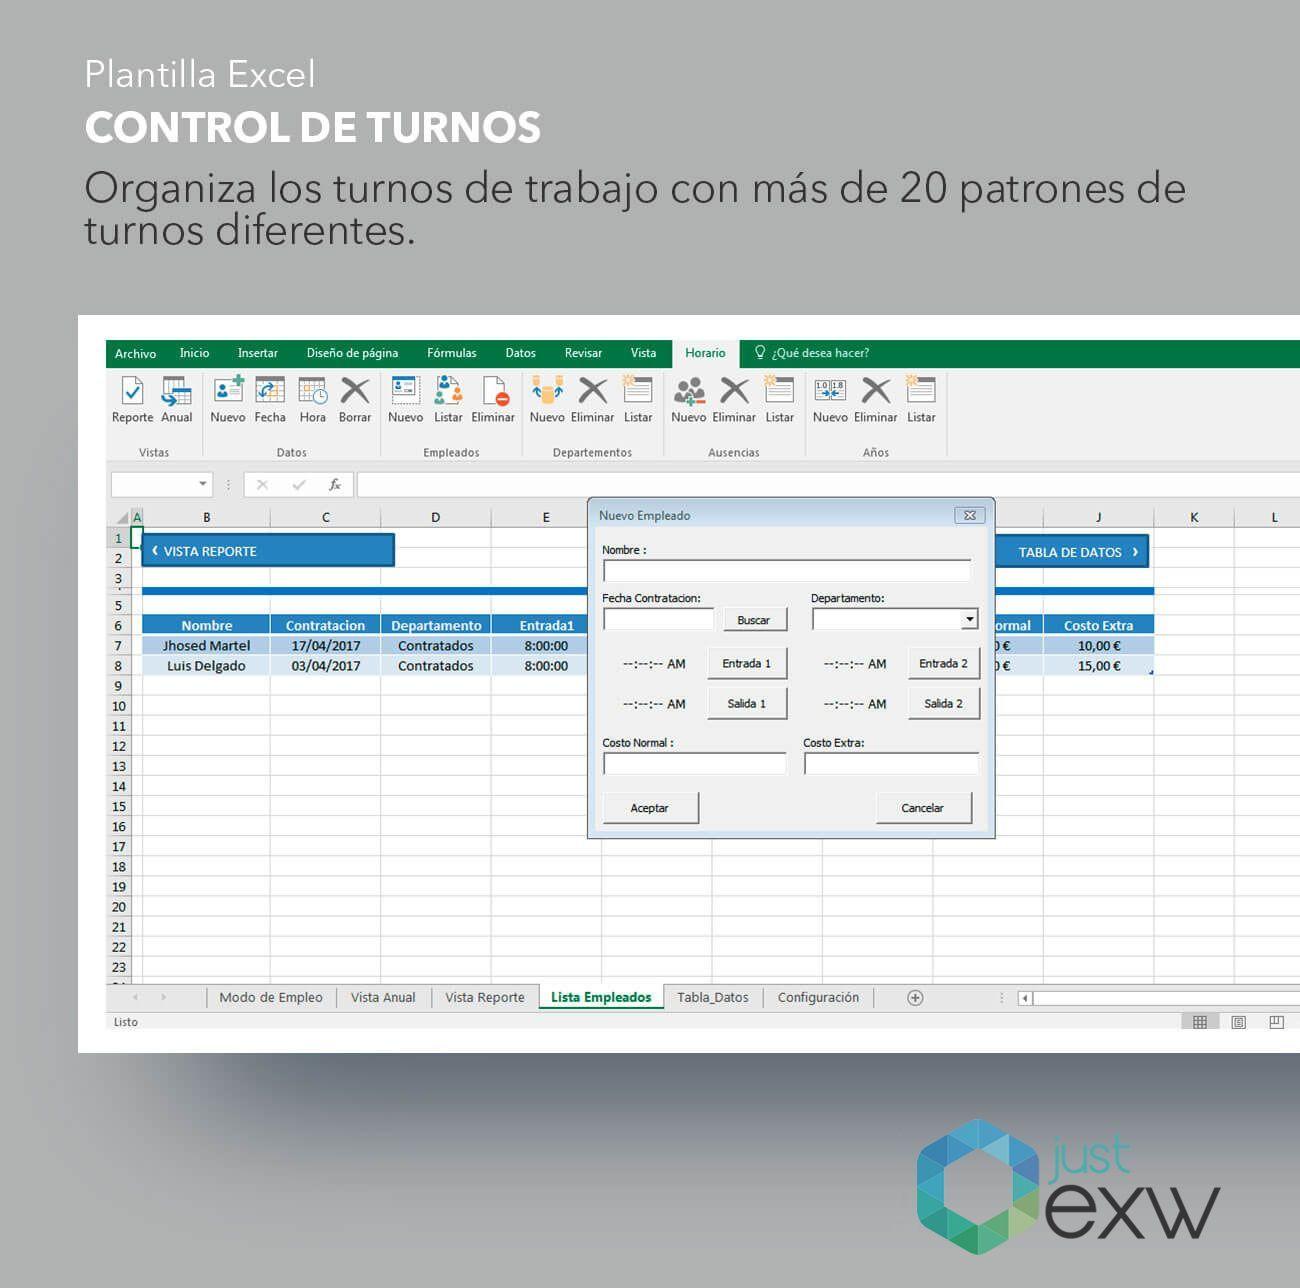 Plantilla de Excel para control de turnos